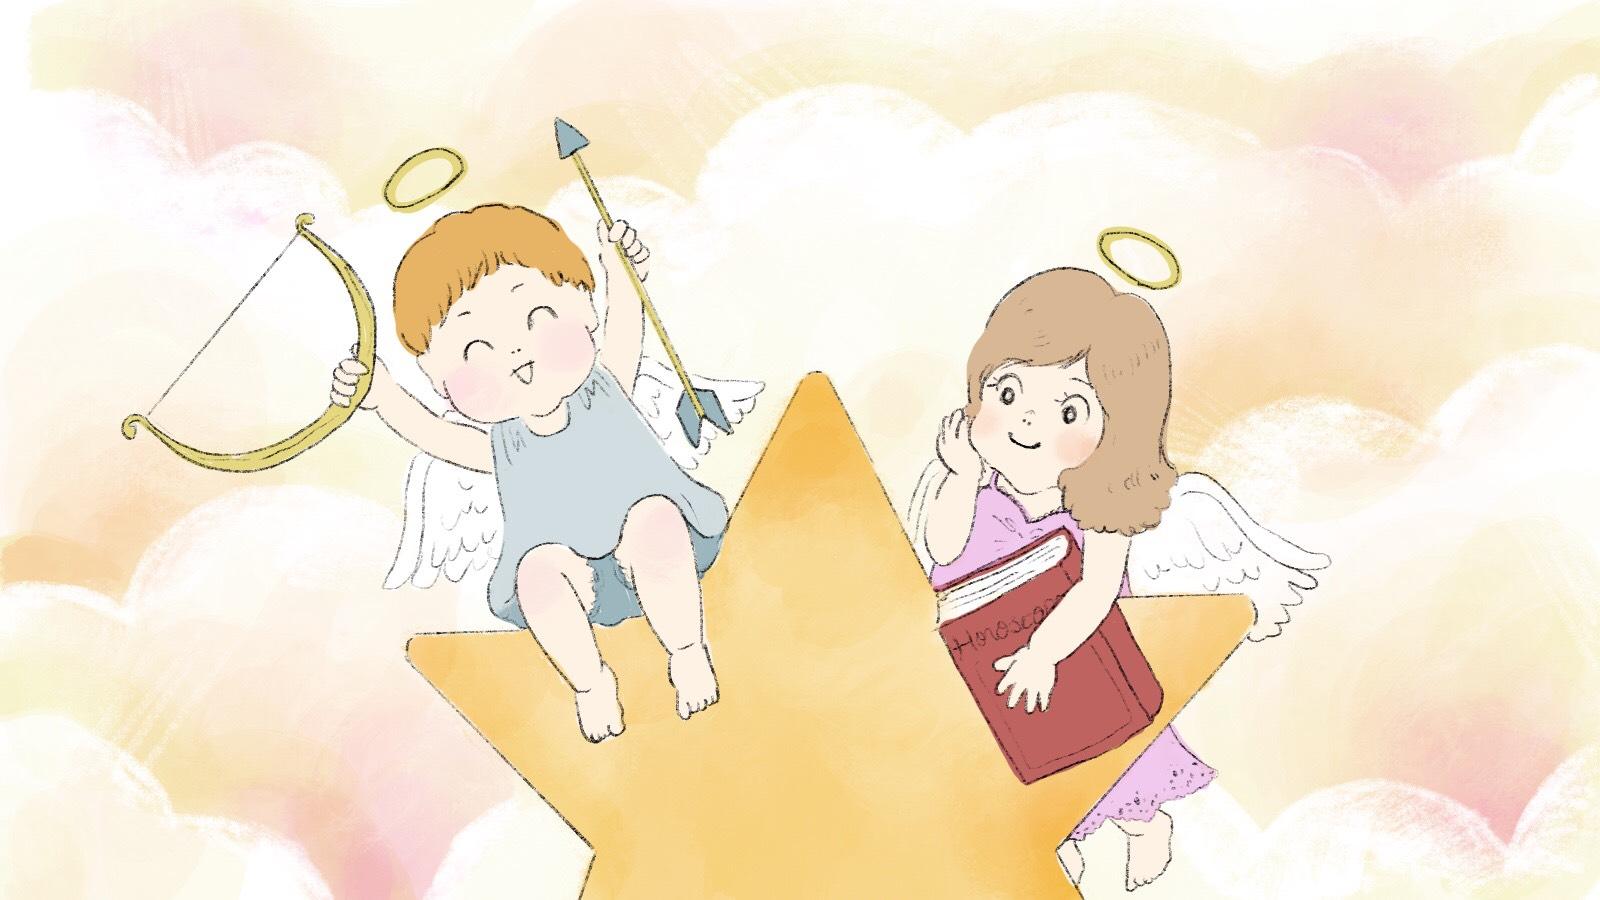 【11月の運勢】12星座別ワーママ占い。師走前に準備&確認を!